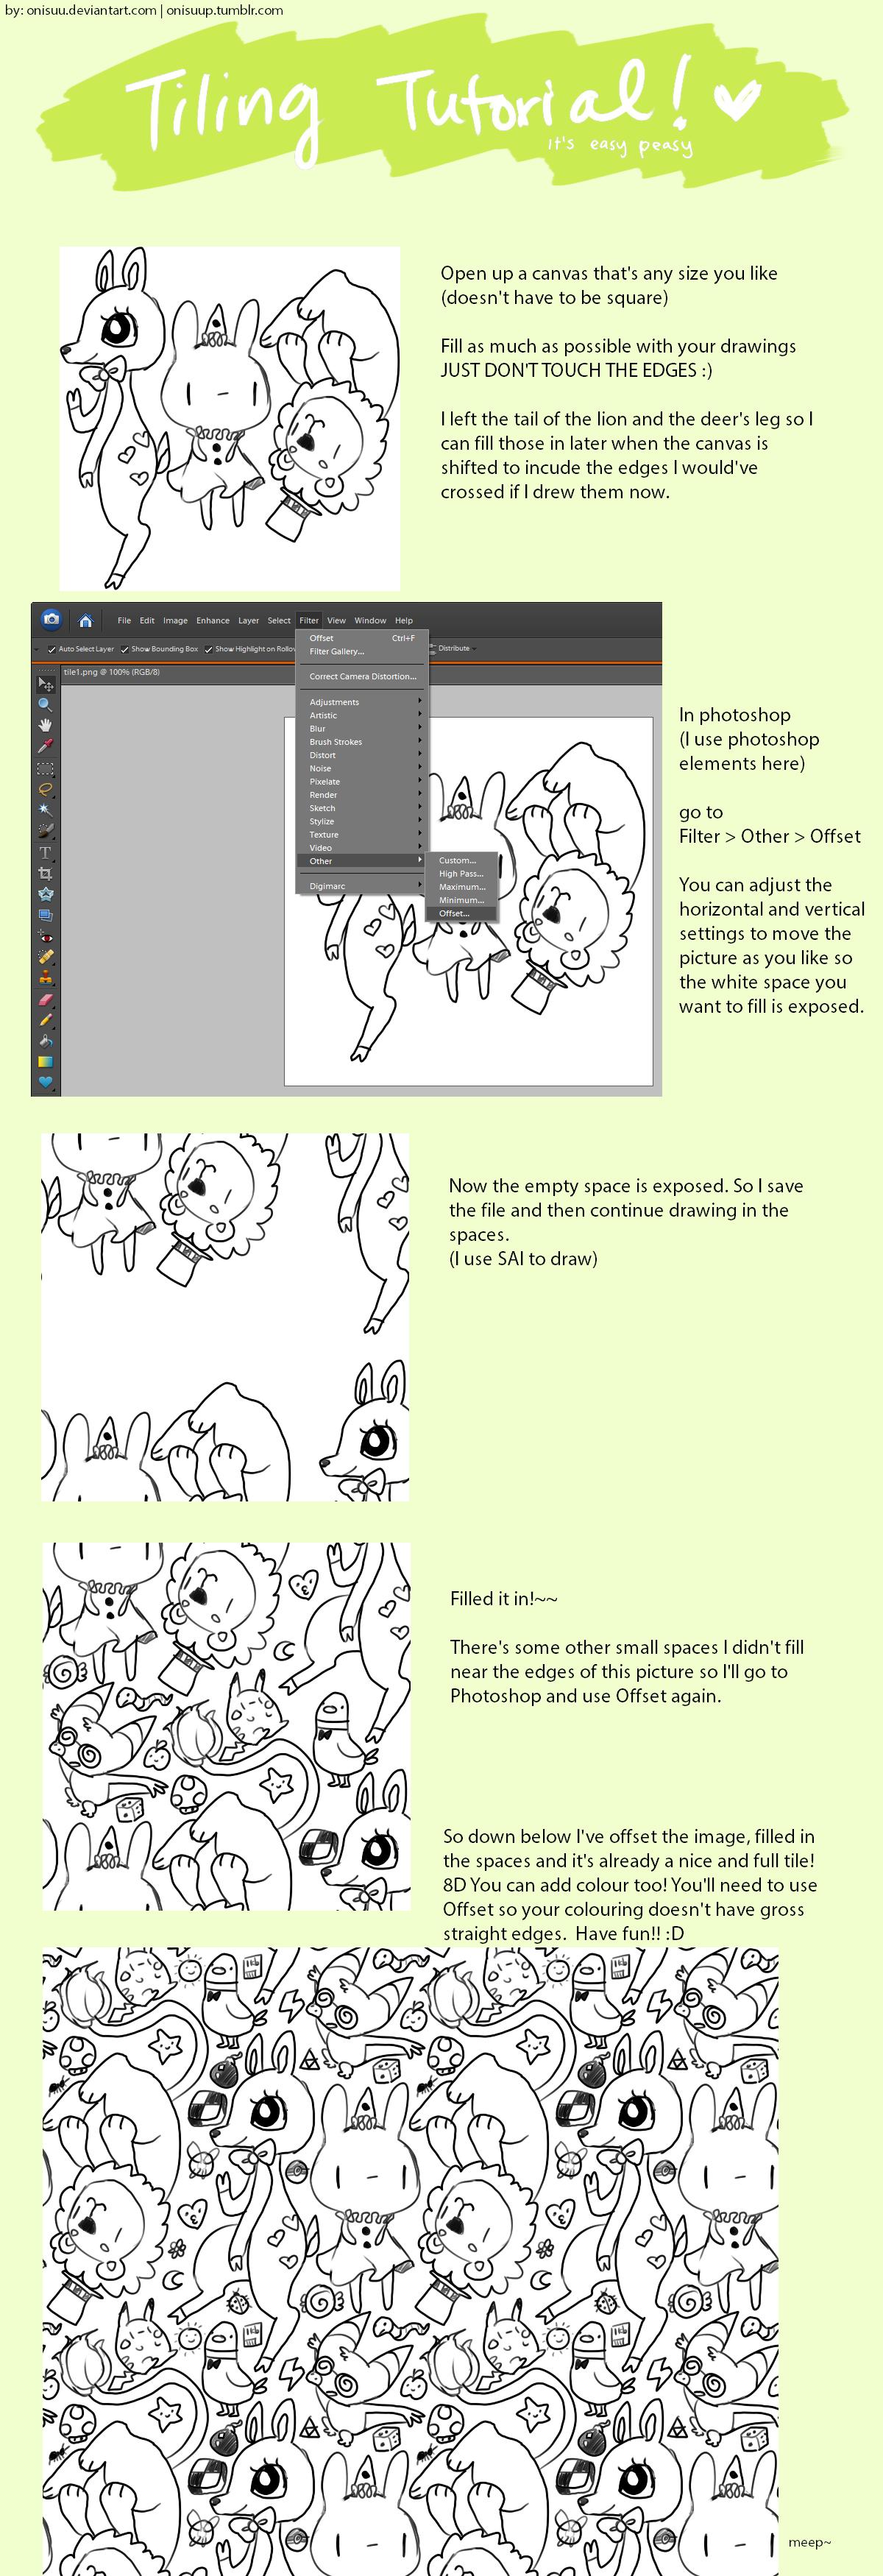 tutorial -- repeating pattern (update)